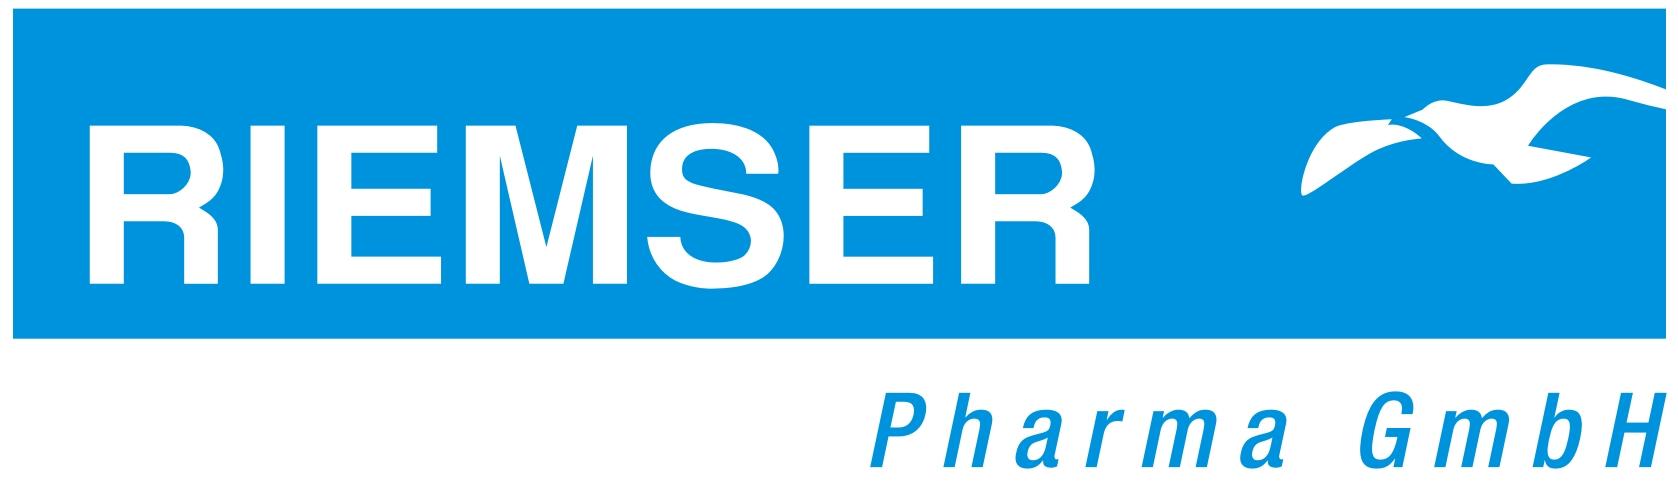 RIEMSER Pharma GmbH Logo-cyan